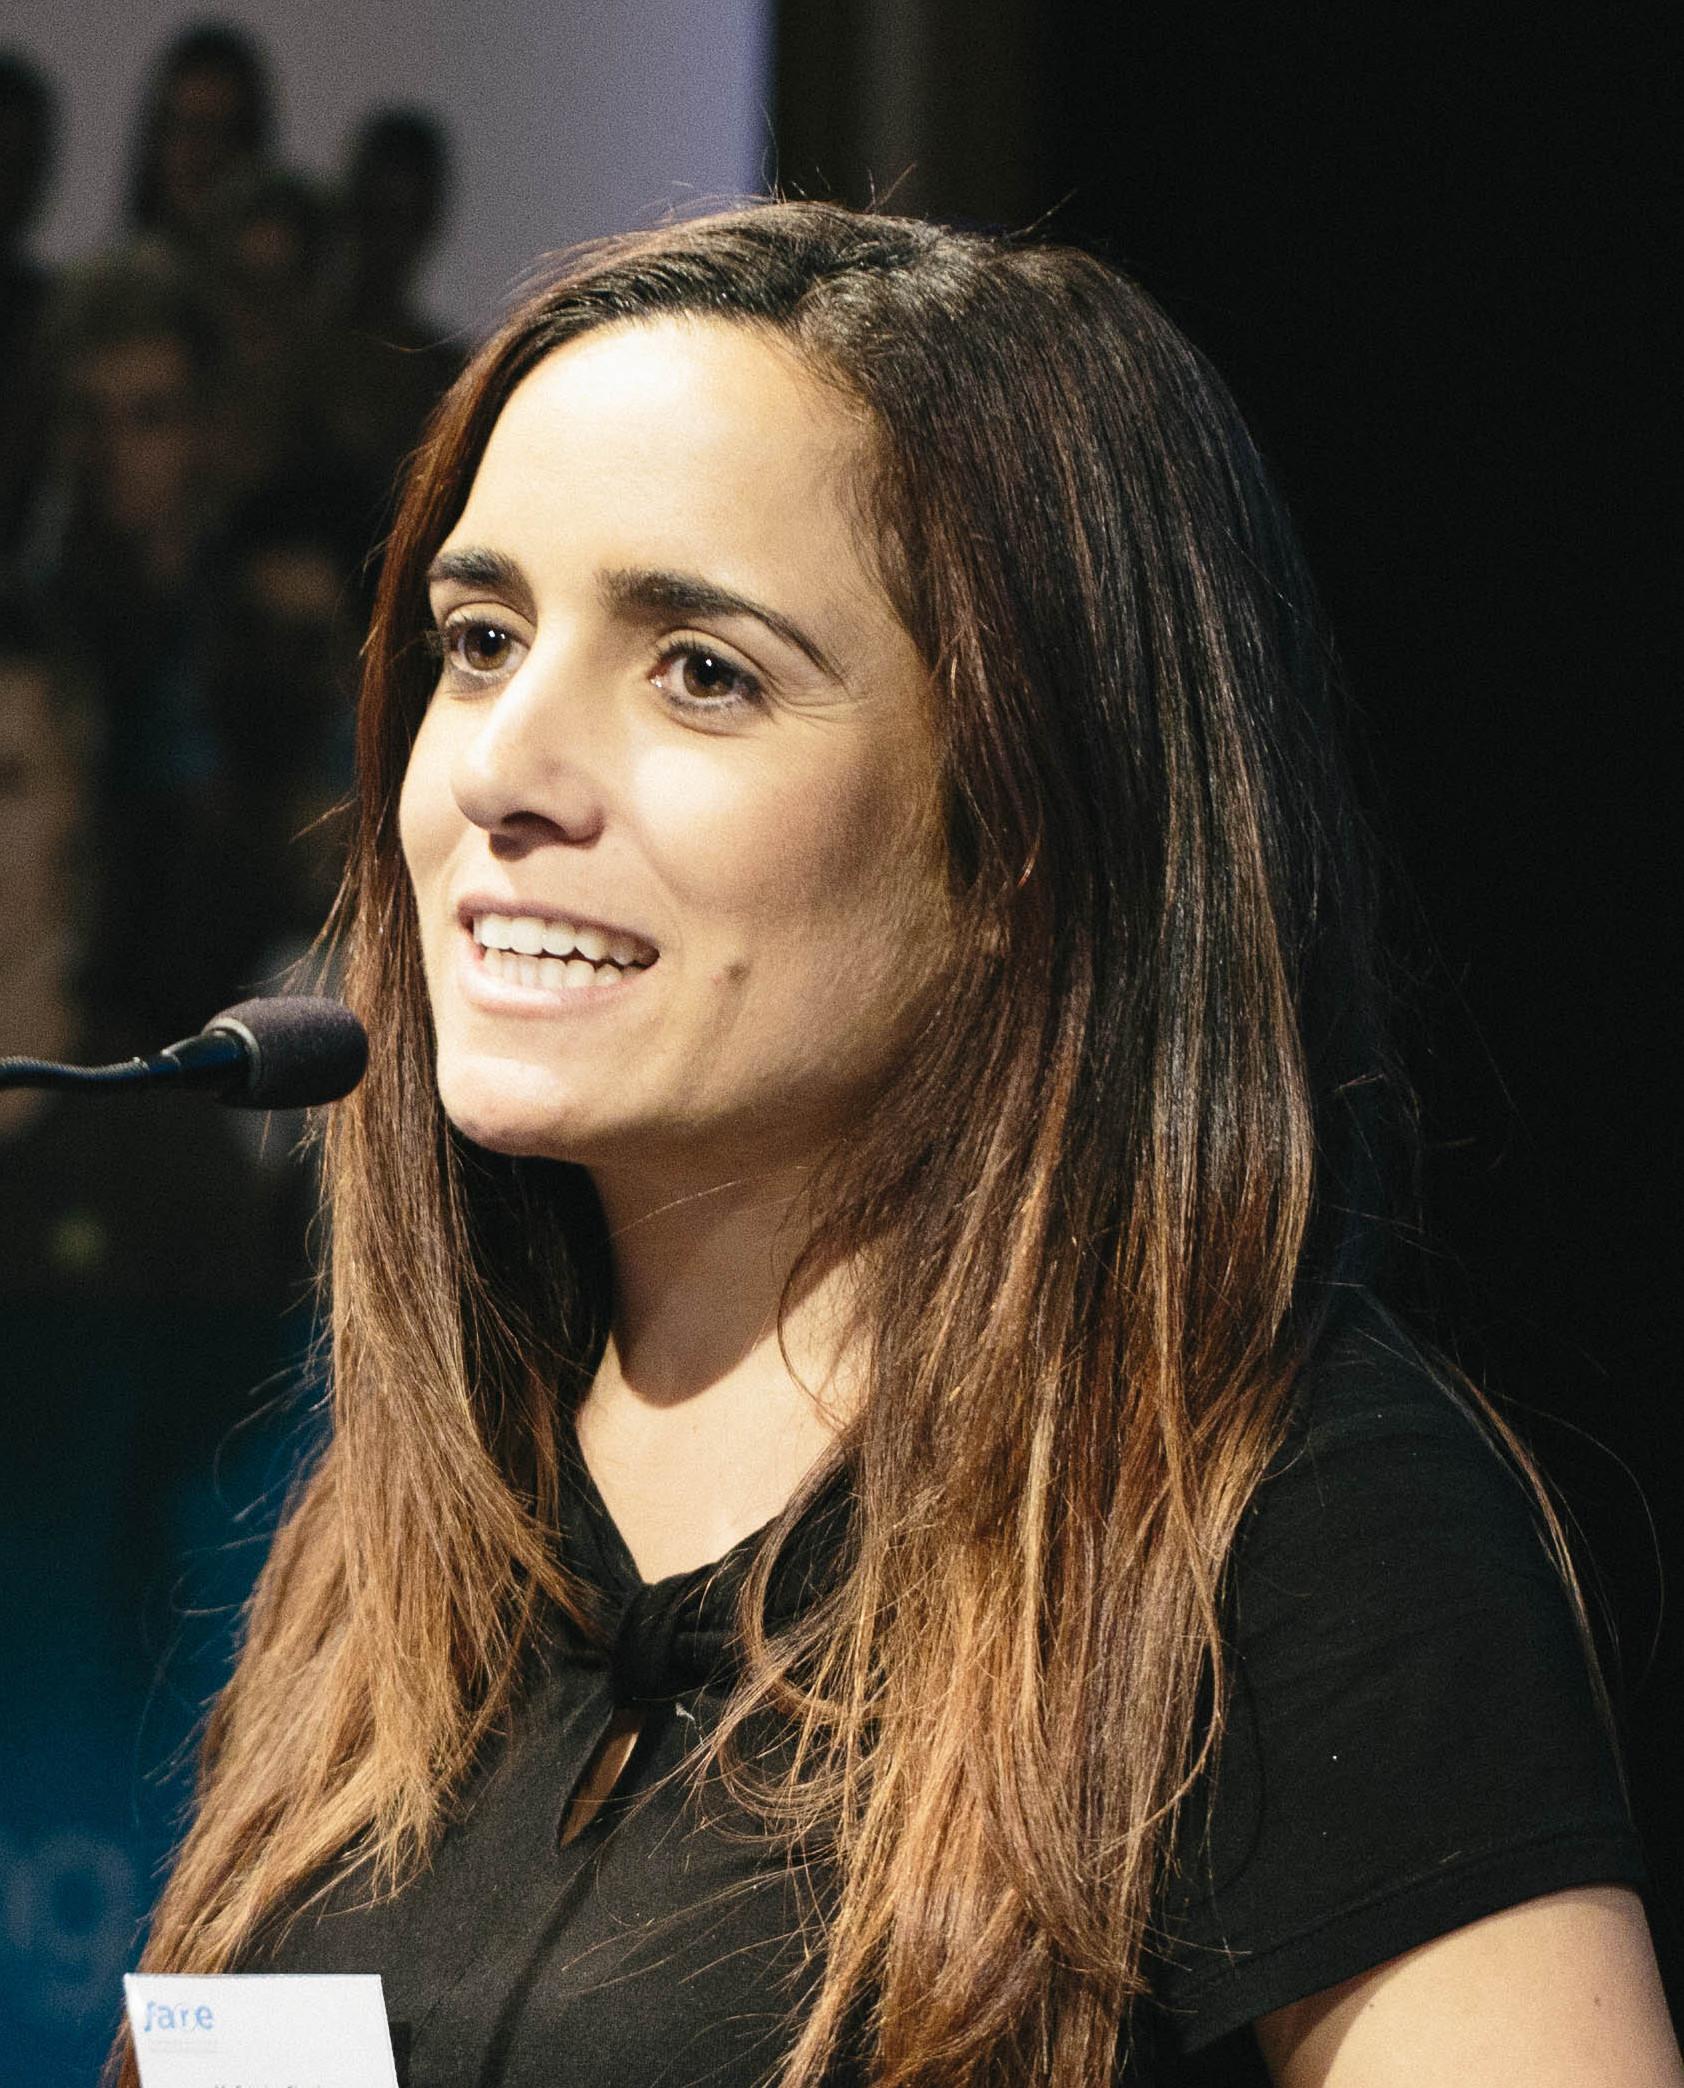 Caterina Giorgi